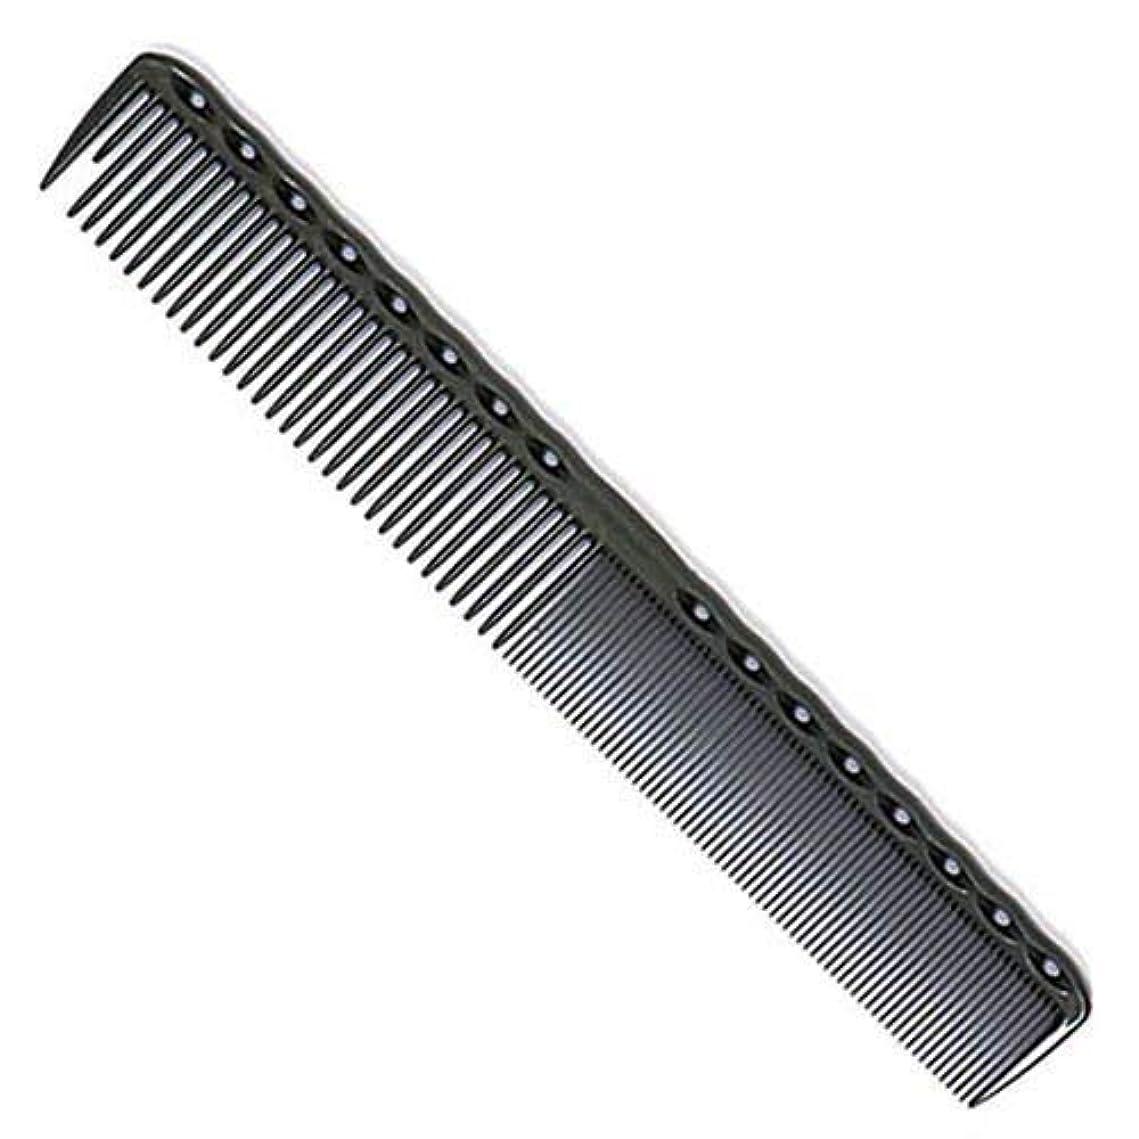 商品幸運精査YS Park 336 Fine Cutting Grip Comb - Graphite [並行輸入品]